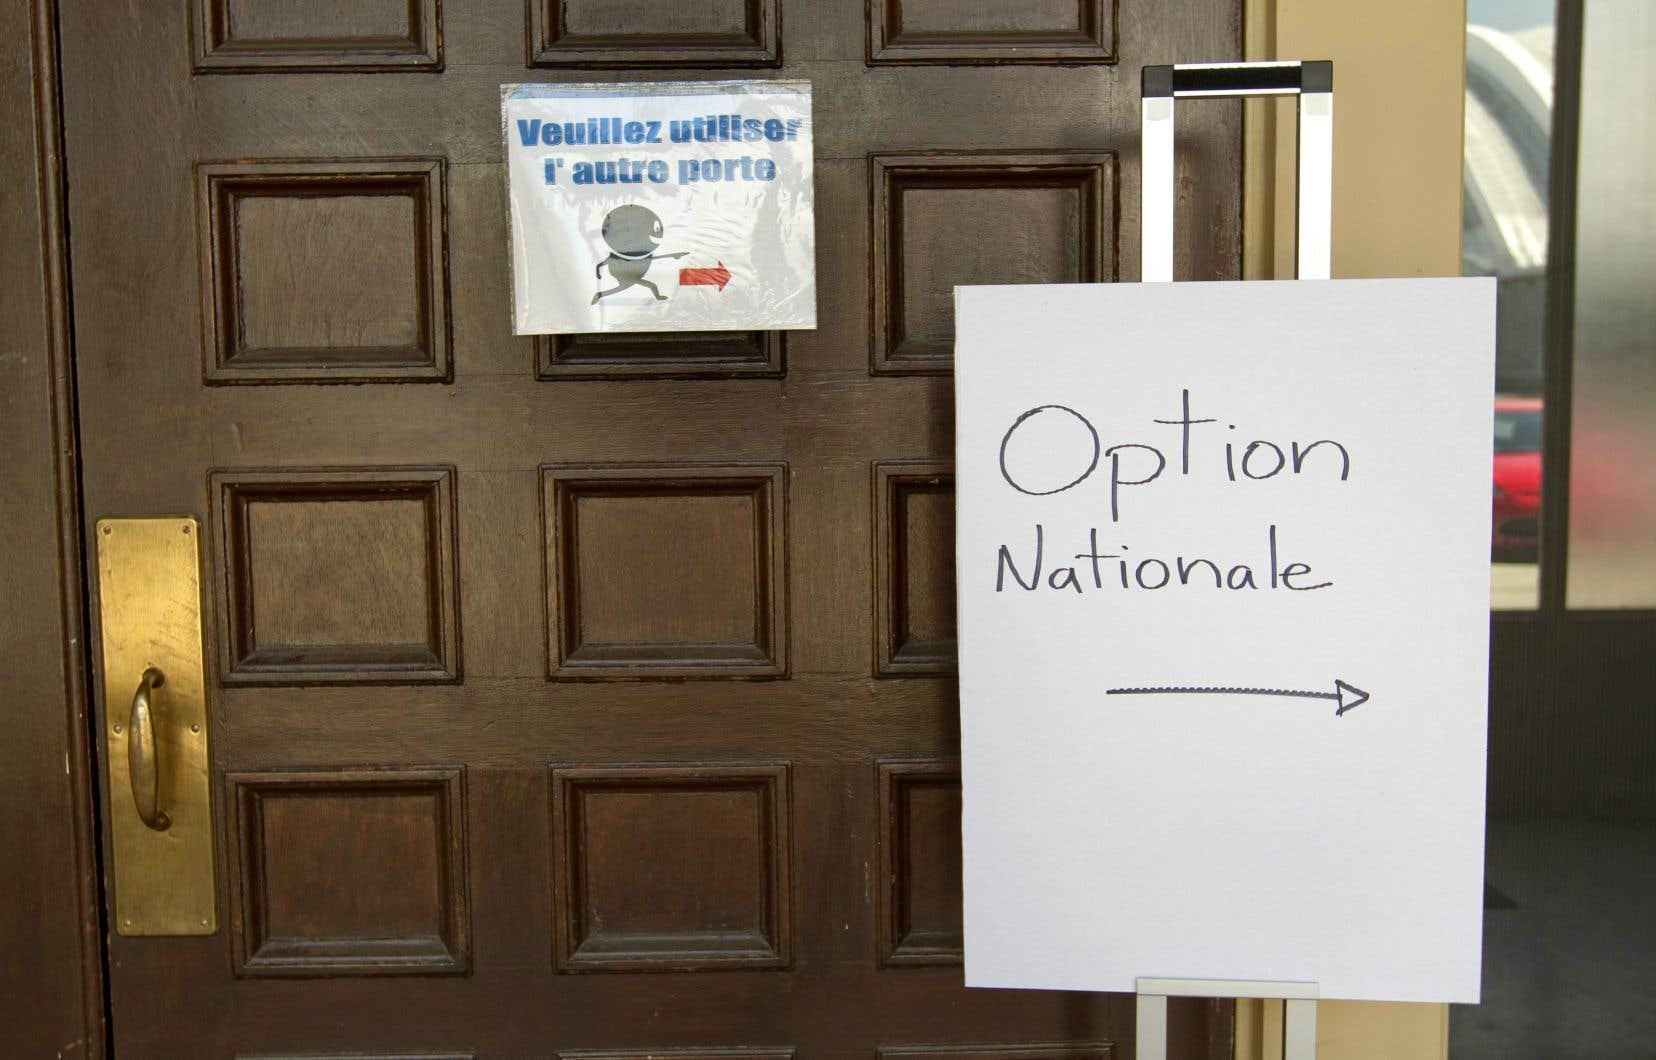 La disparition d'Option nationale aura pour effet d'intensifier la rivalité entre Québec solidaire et le Parti québécois, et cette concurrence rendra impossible une convergence entre ces partis, estime l'auteur.